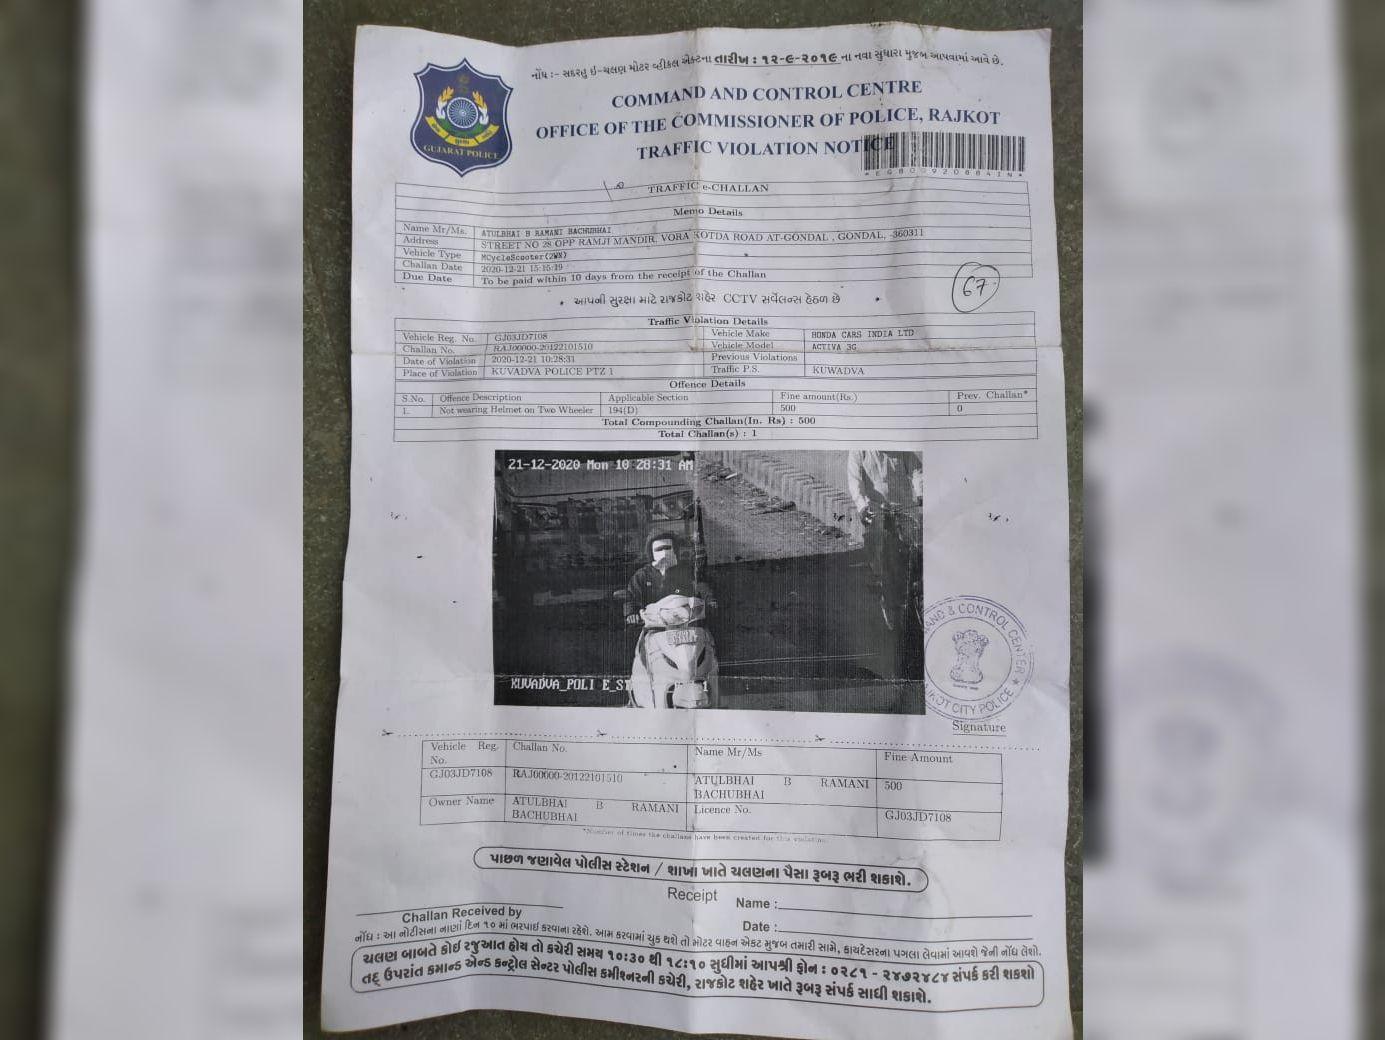 સુરતની ડિસ્ટ્રિક્ટ કોર્ટના મહિલા કર્મીને હેલ્મેટનો ઇ-મેમો પધરાવ્યો, રાજકોટ ટ્રાફિક પોલીસે છબરડા કરવાની પરંપરા આગળ ધપાવી|ગોંડલ,Gondal - Divya Bhaskar